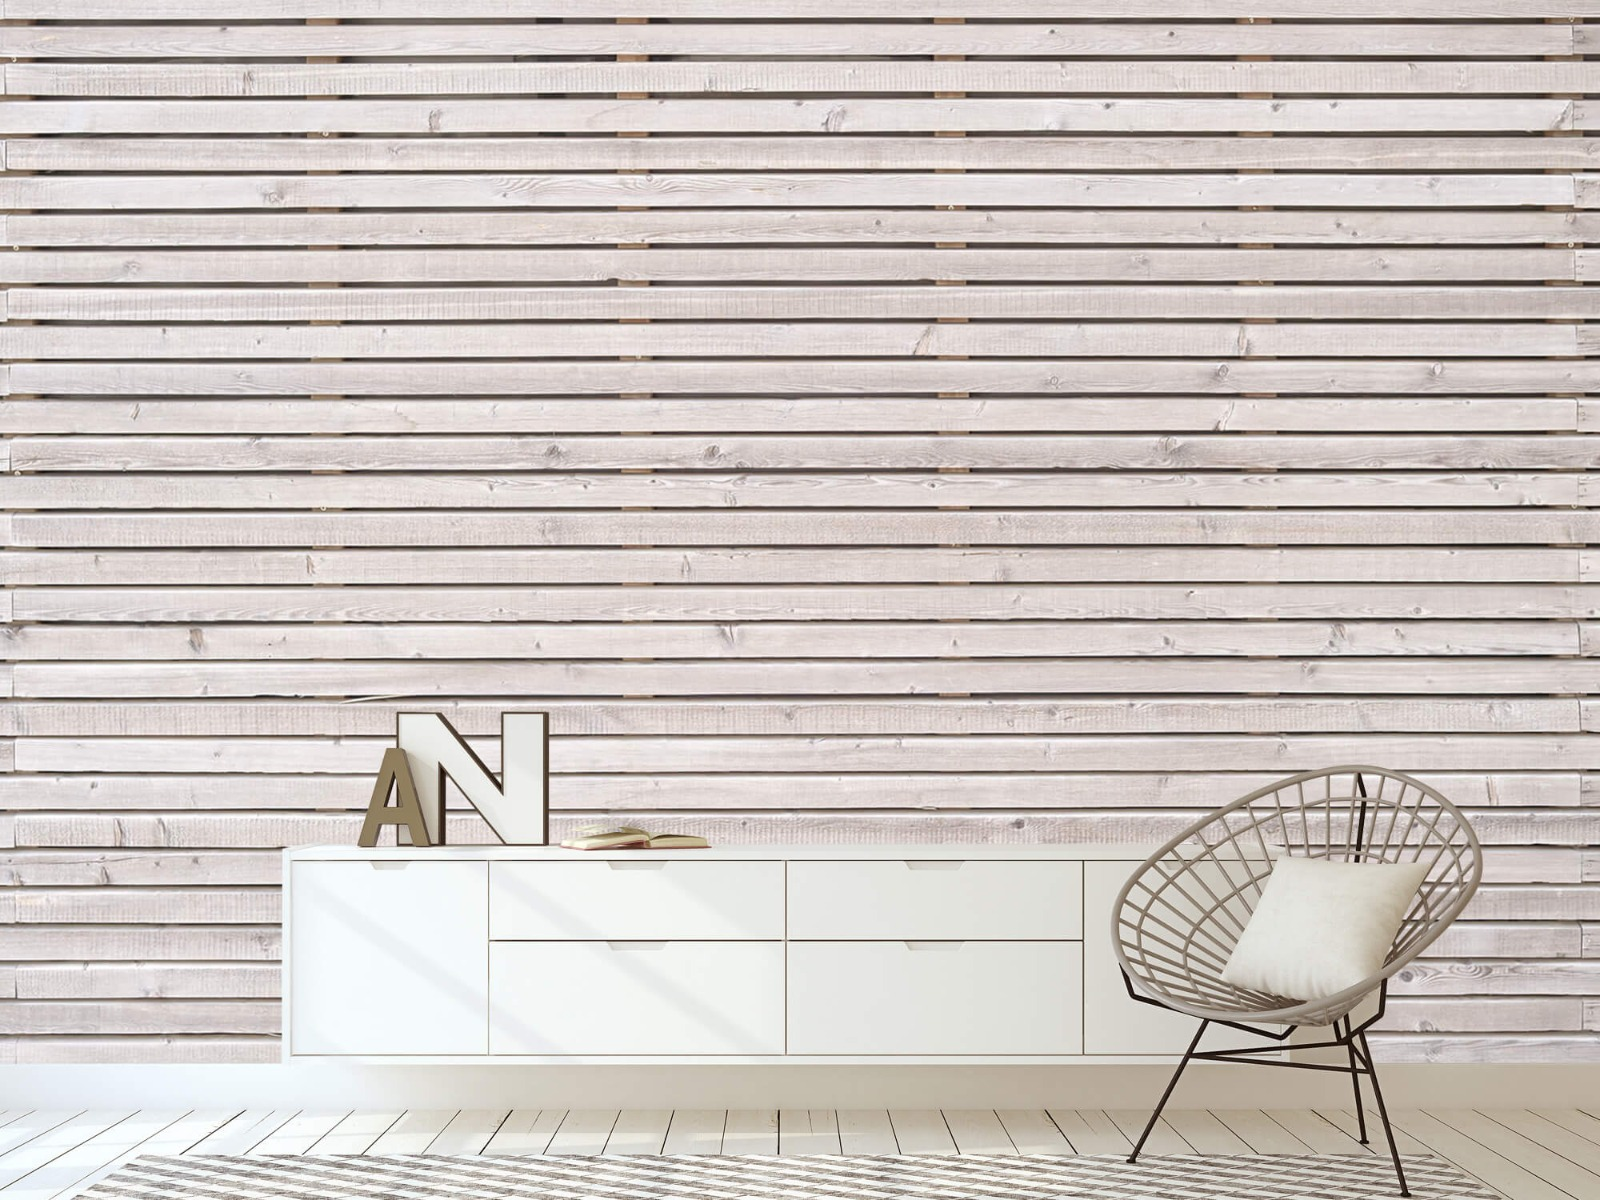 Hout behang - Horizontale planken - Wallexclusive - Woonkamer 1